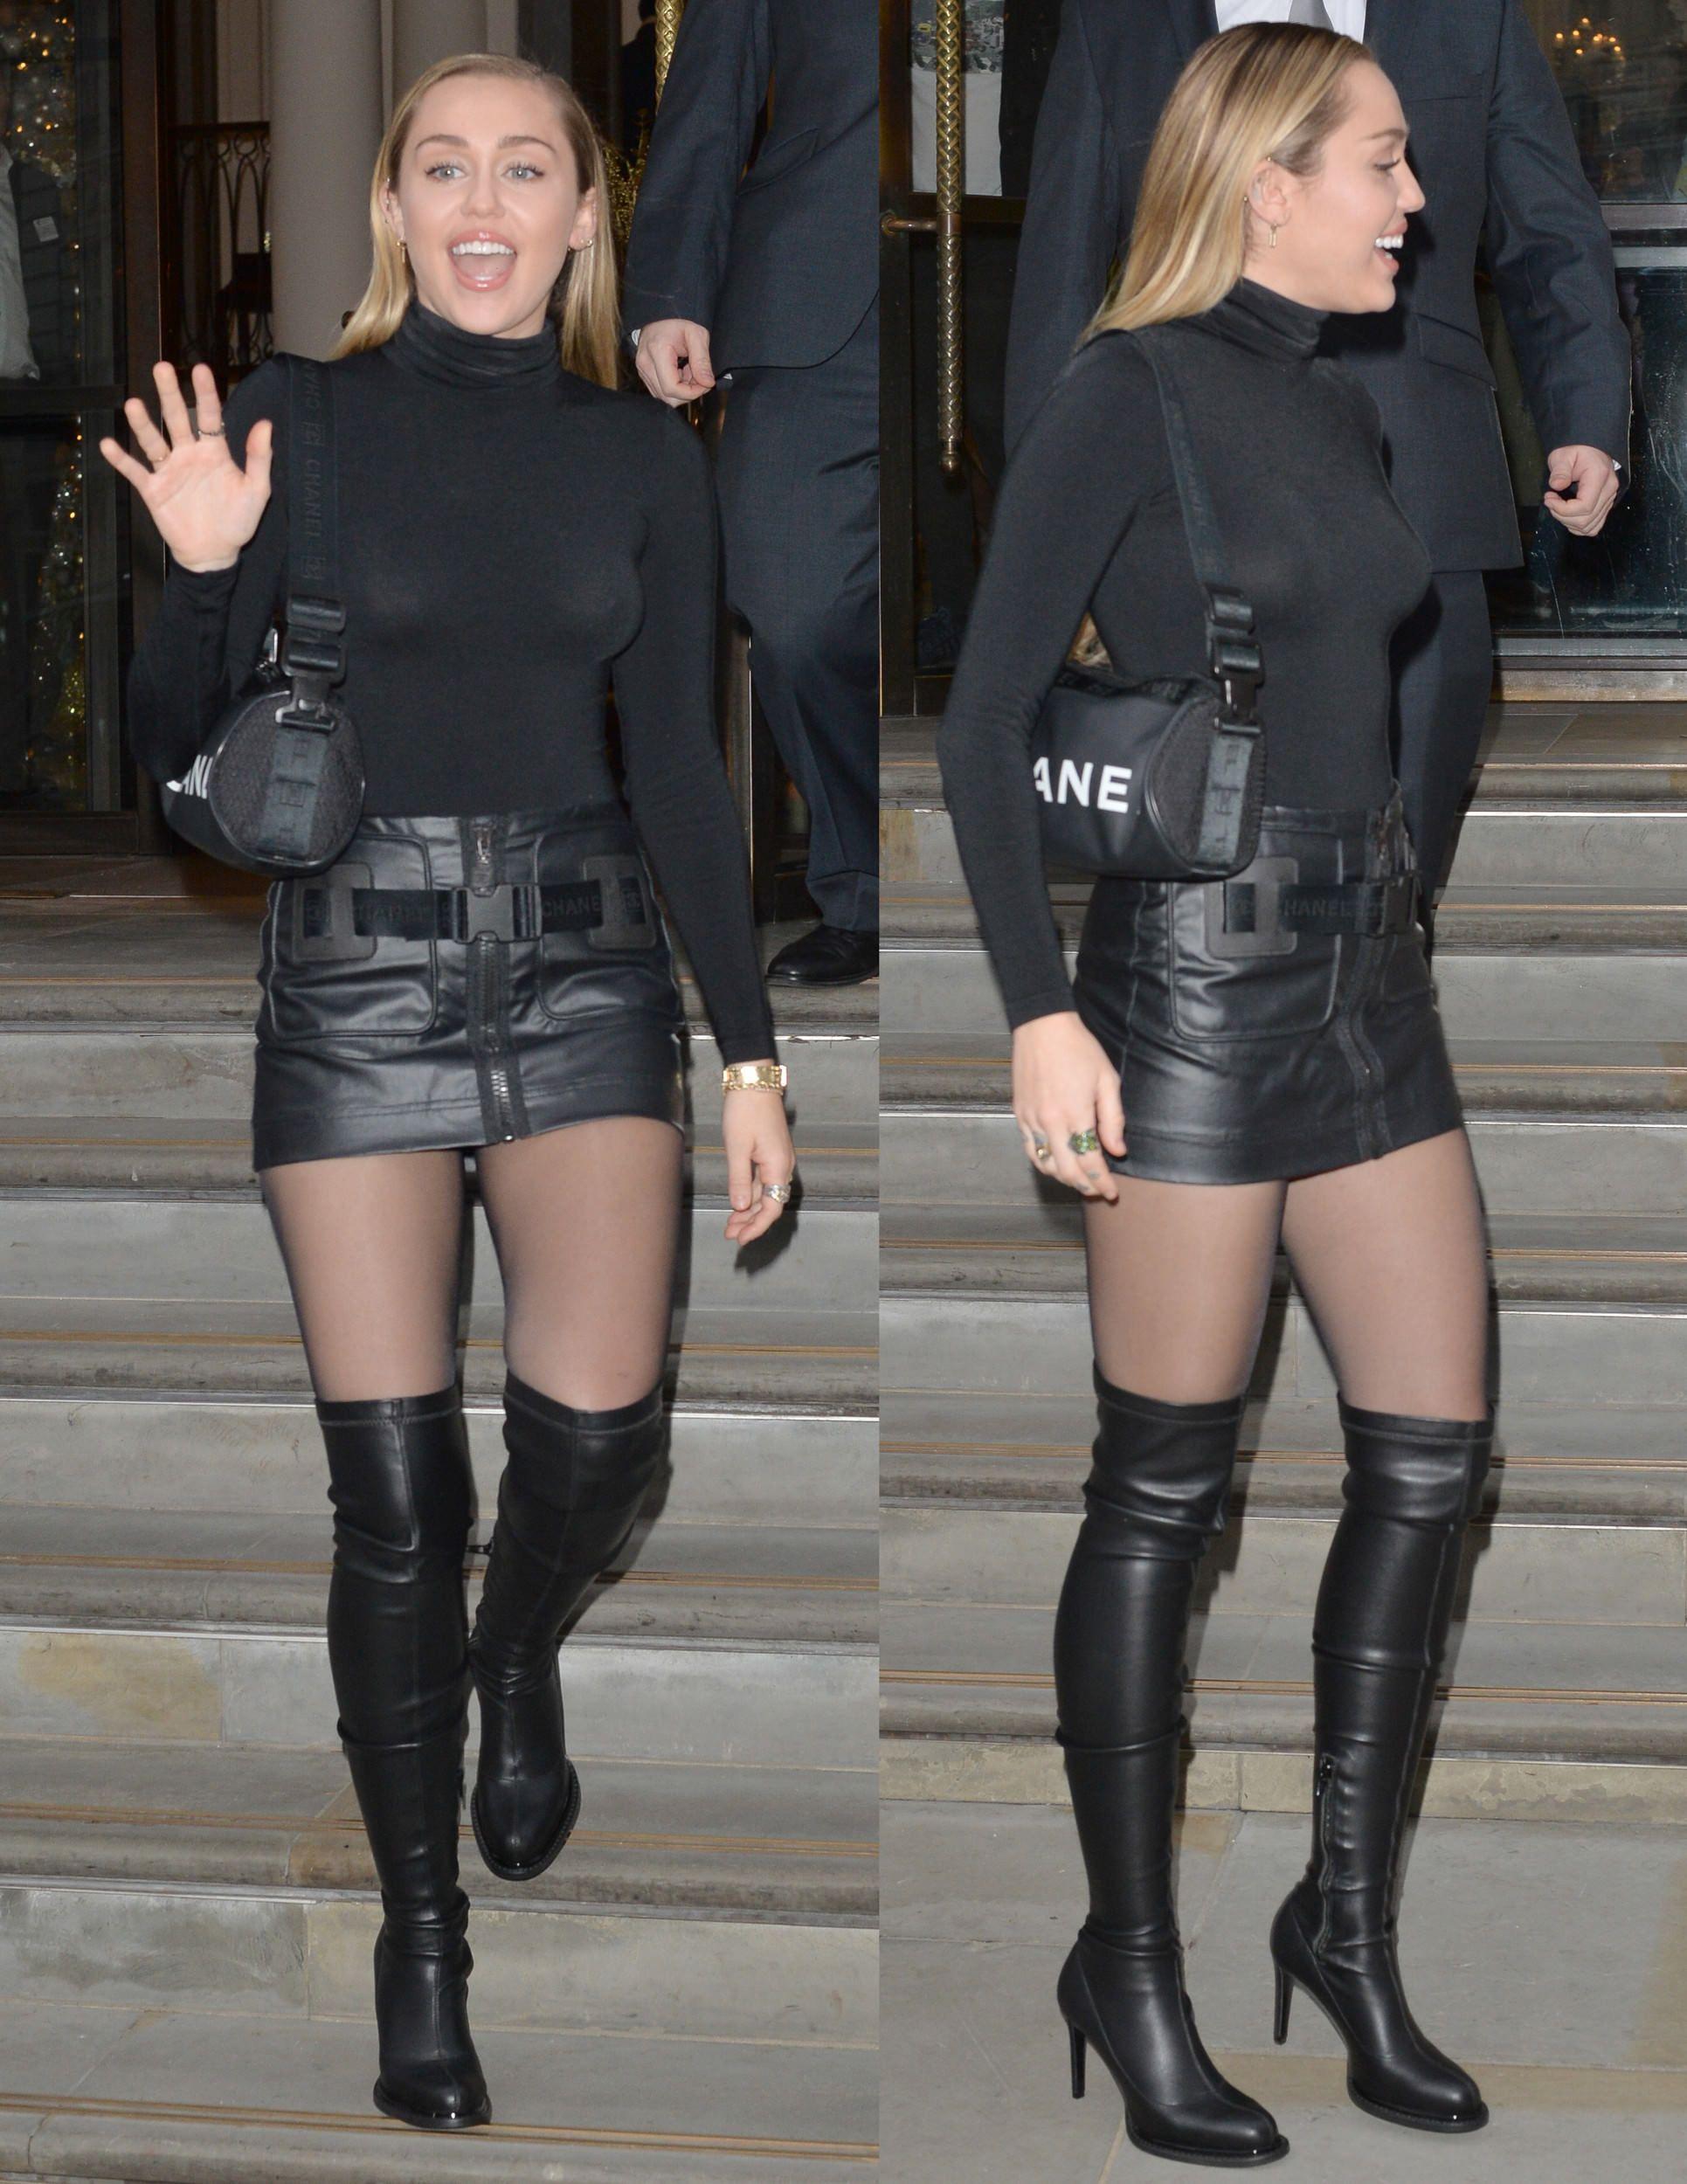 e0e3a31d48dcb1 Miley Cyrus